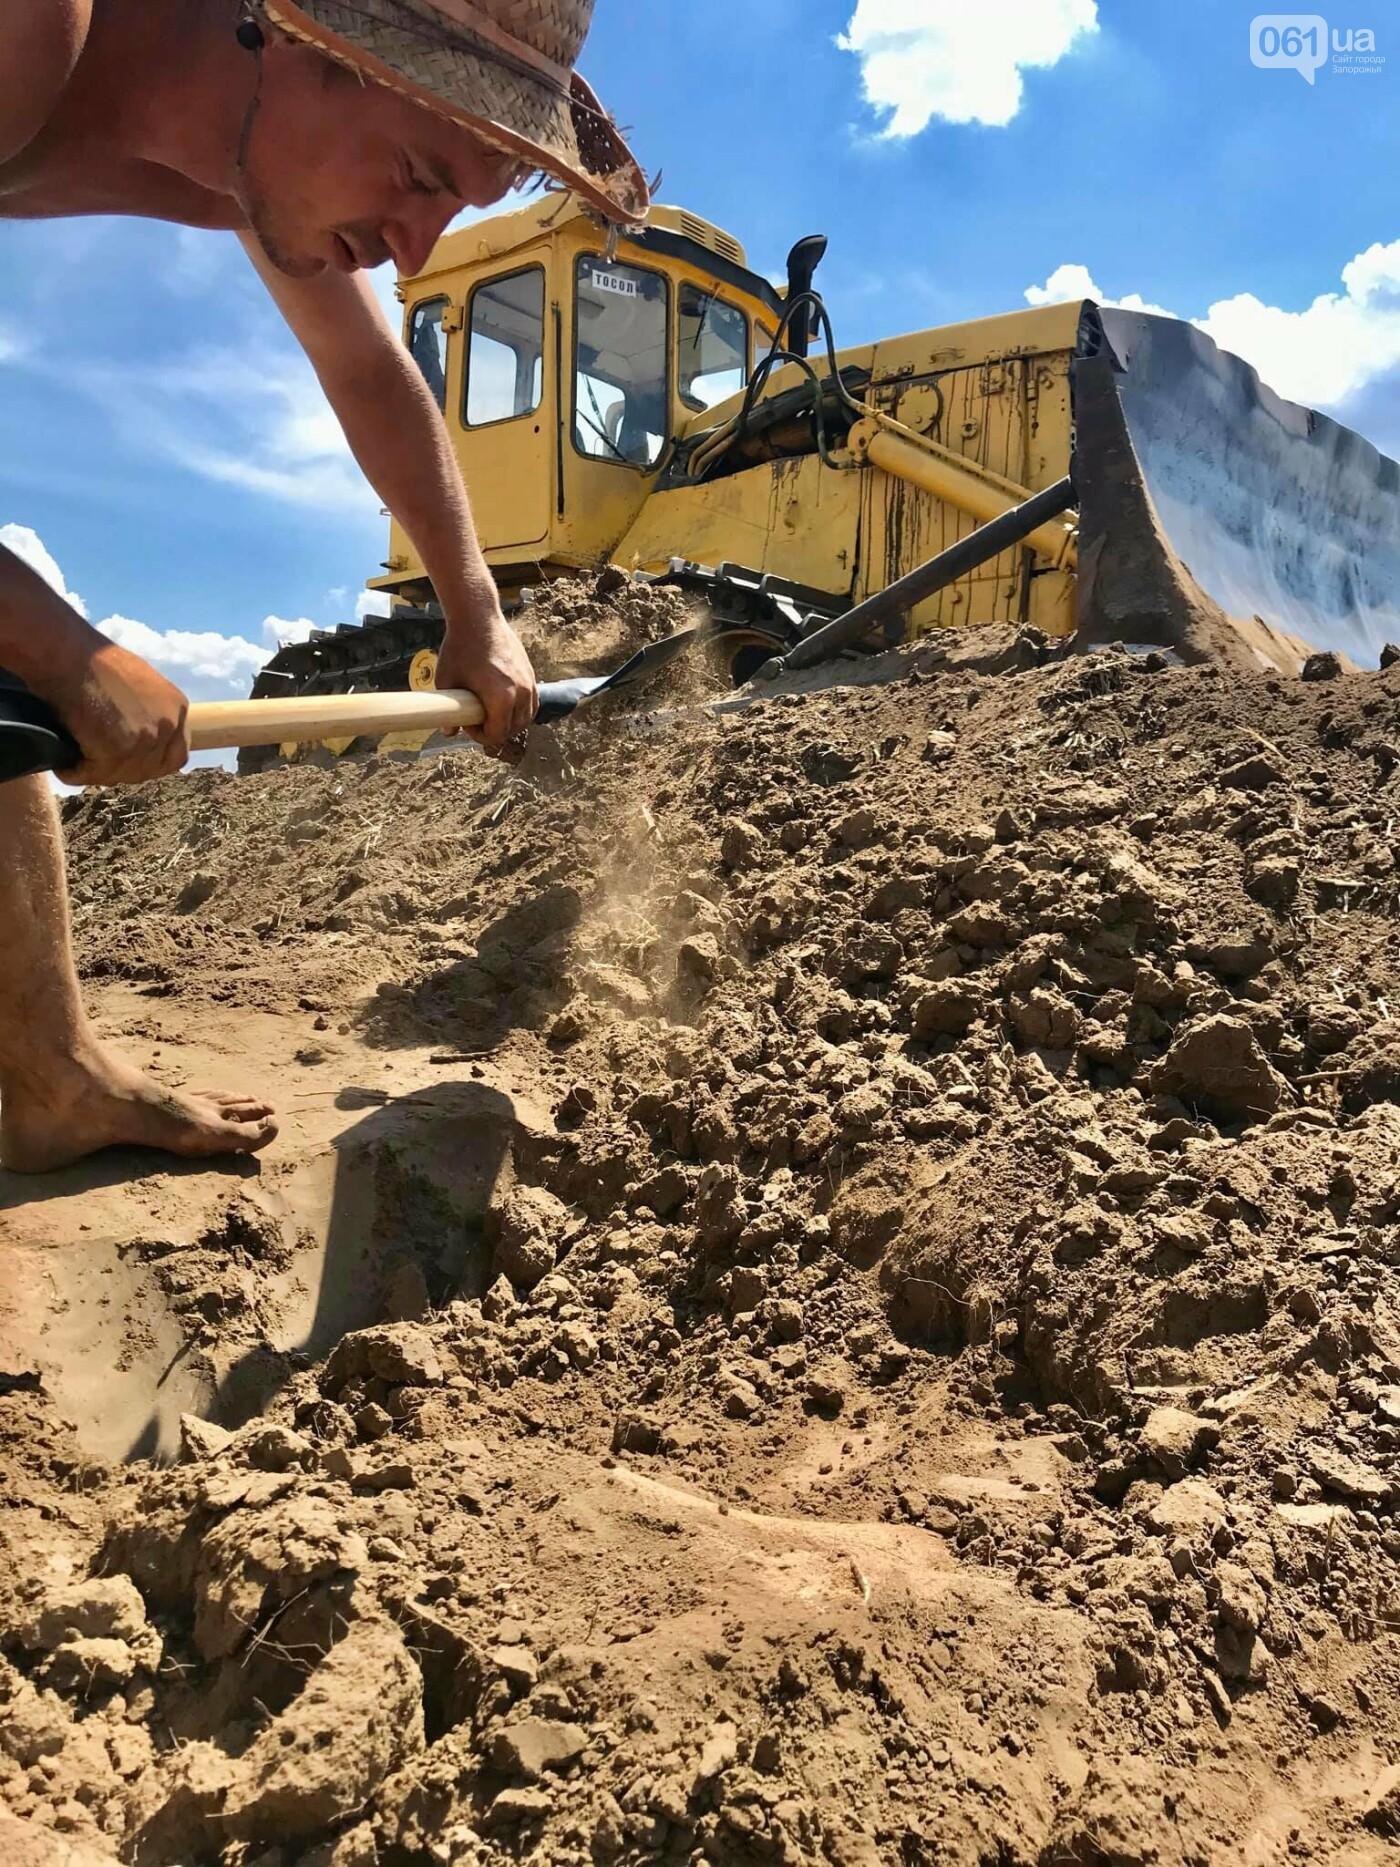 На раскопках Мамай-Горы заработал бульдозер: что уже удалось найти археологам, - ФОТО, фото-3